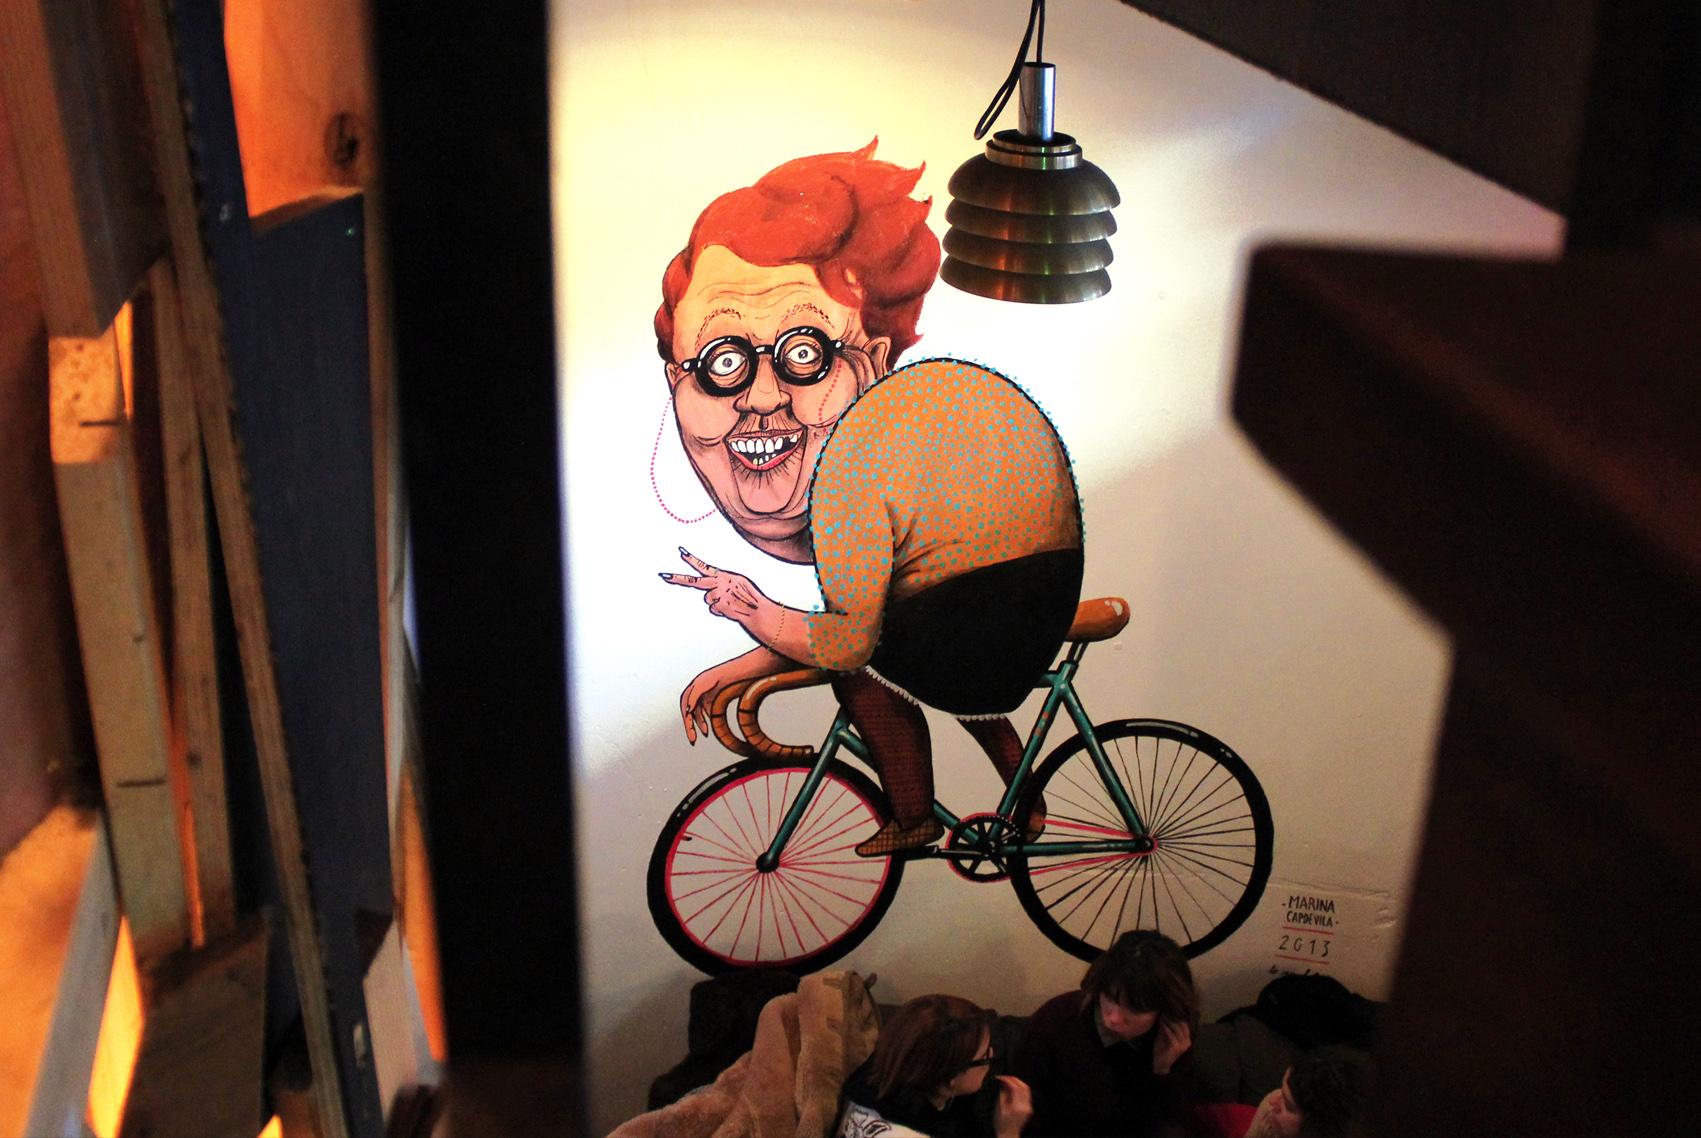 Mural painted at Basis Bar, Amsterdam, Netherlands 2014